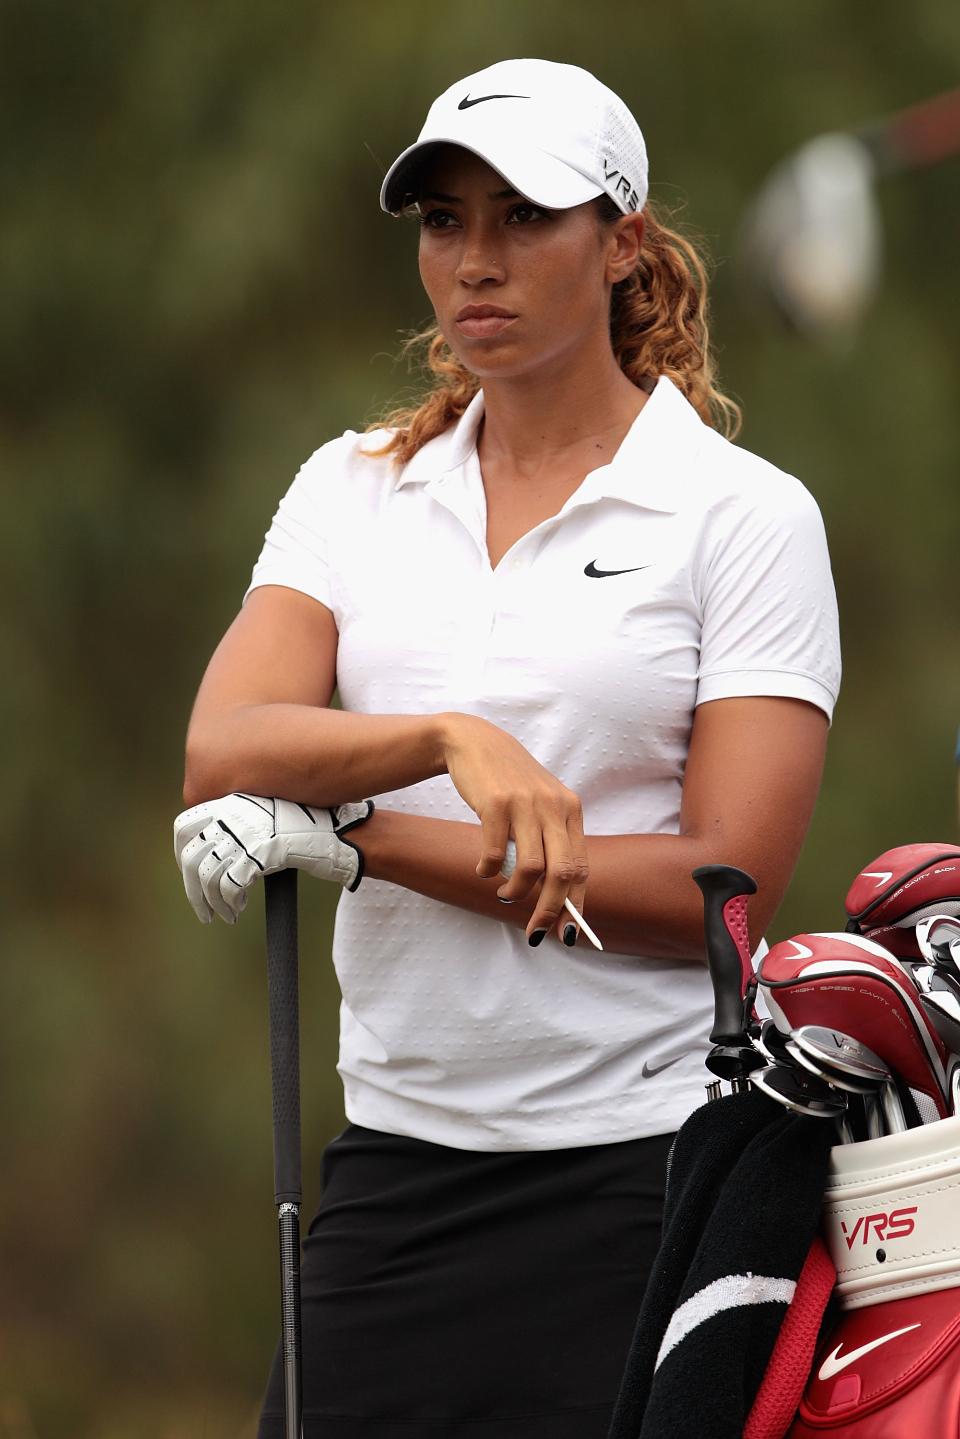 Cheyenne Woods, die Nichte von Tiger Woods, liegt nach der dritten Runde auf dem geteilten 23. Platz. (Foto: Getty)